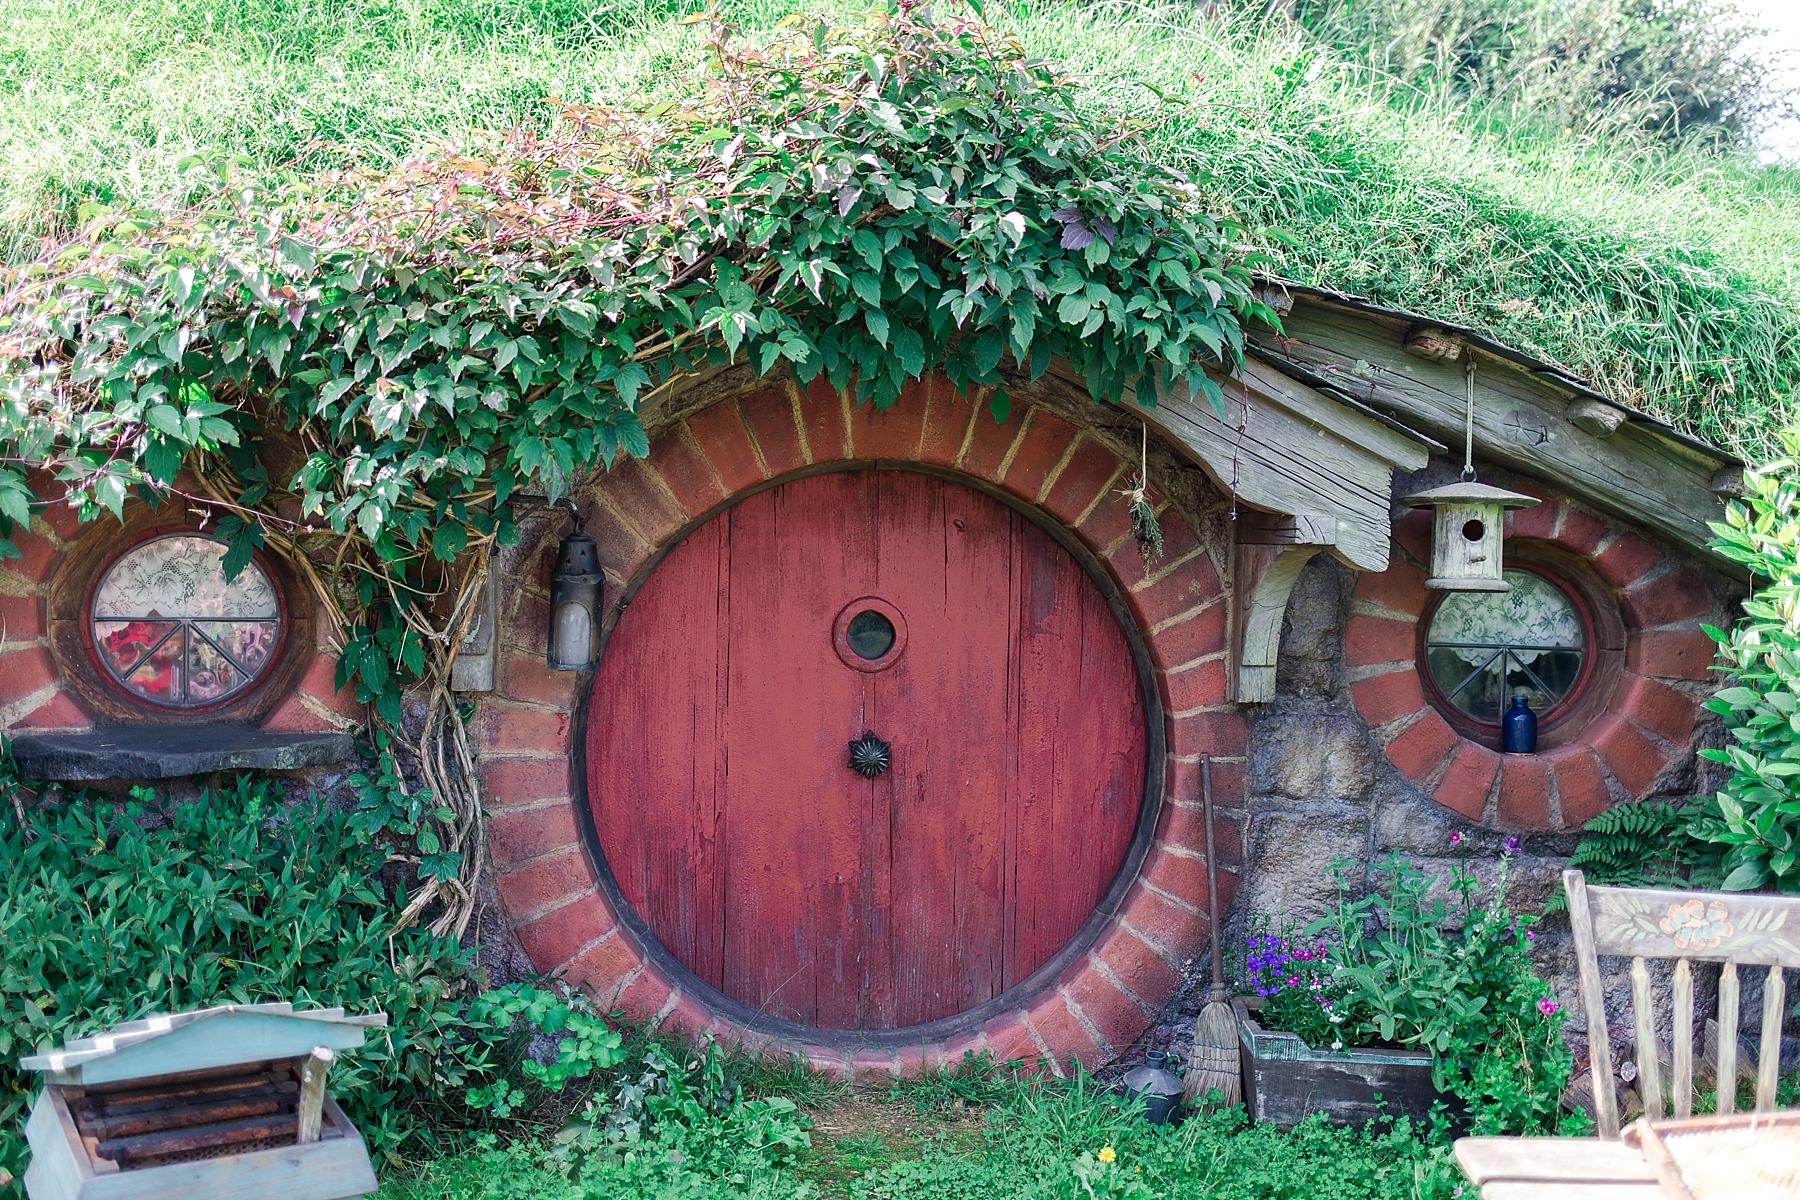 hobbiton-movie-set-matamata-hamilton-north-island-new-zealand-scenery_0246.jpg